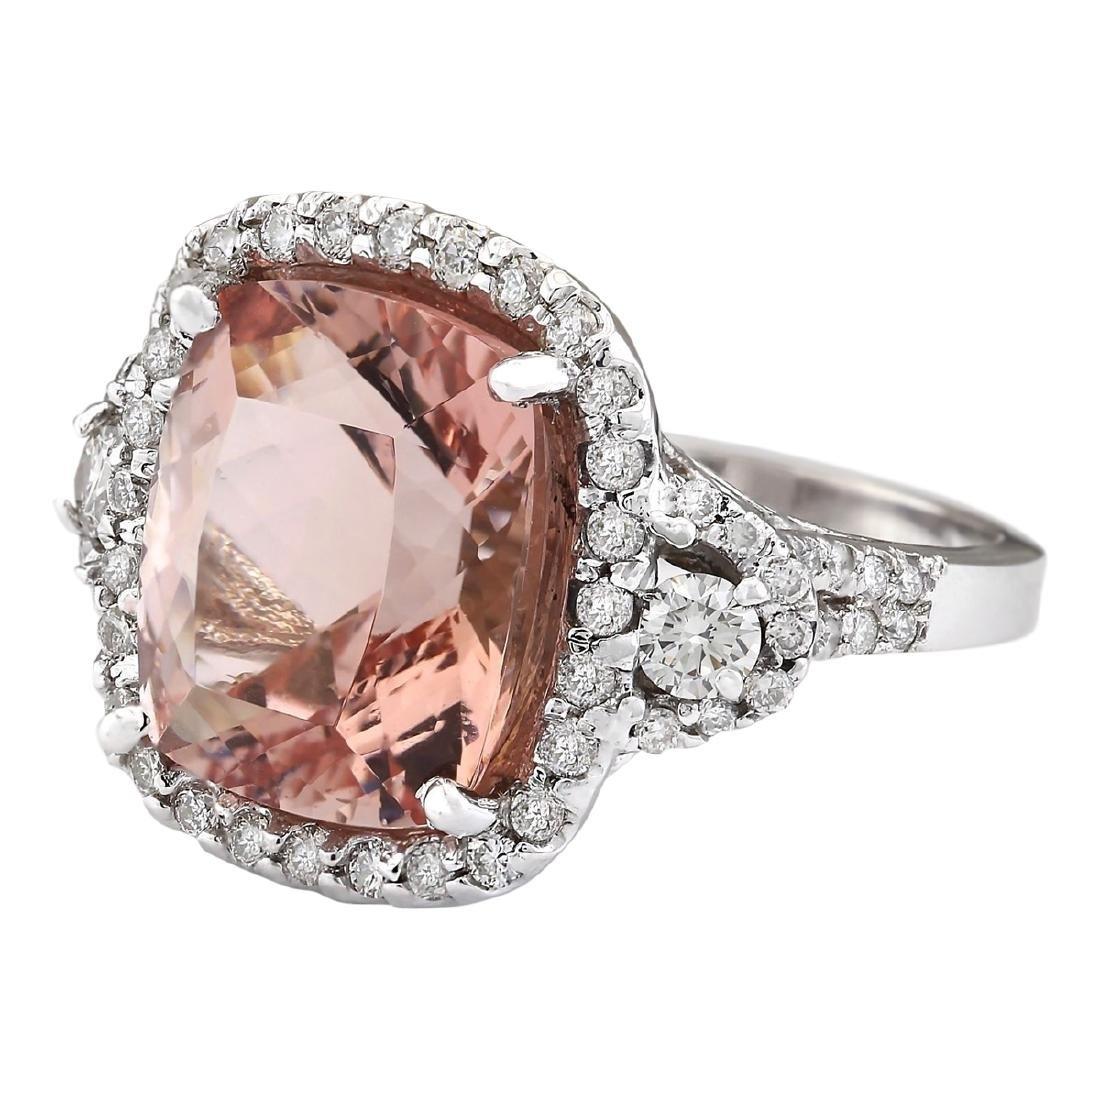 12.01 CTW Natural Morganite And Diamond Ring In 18K - 2